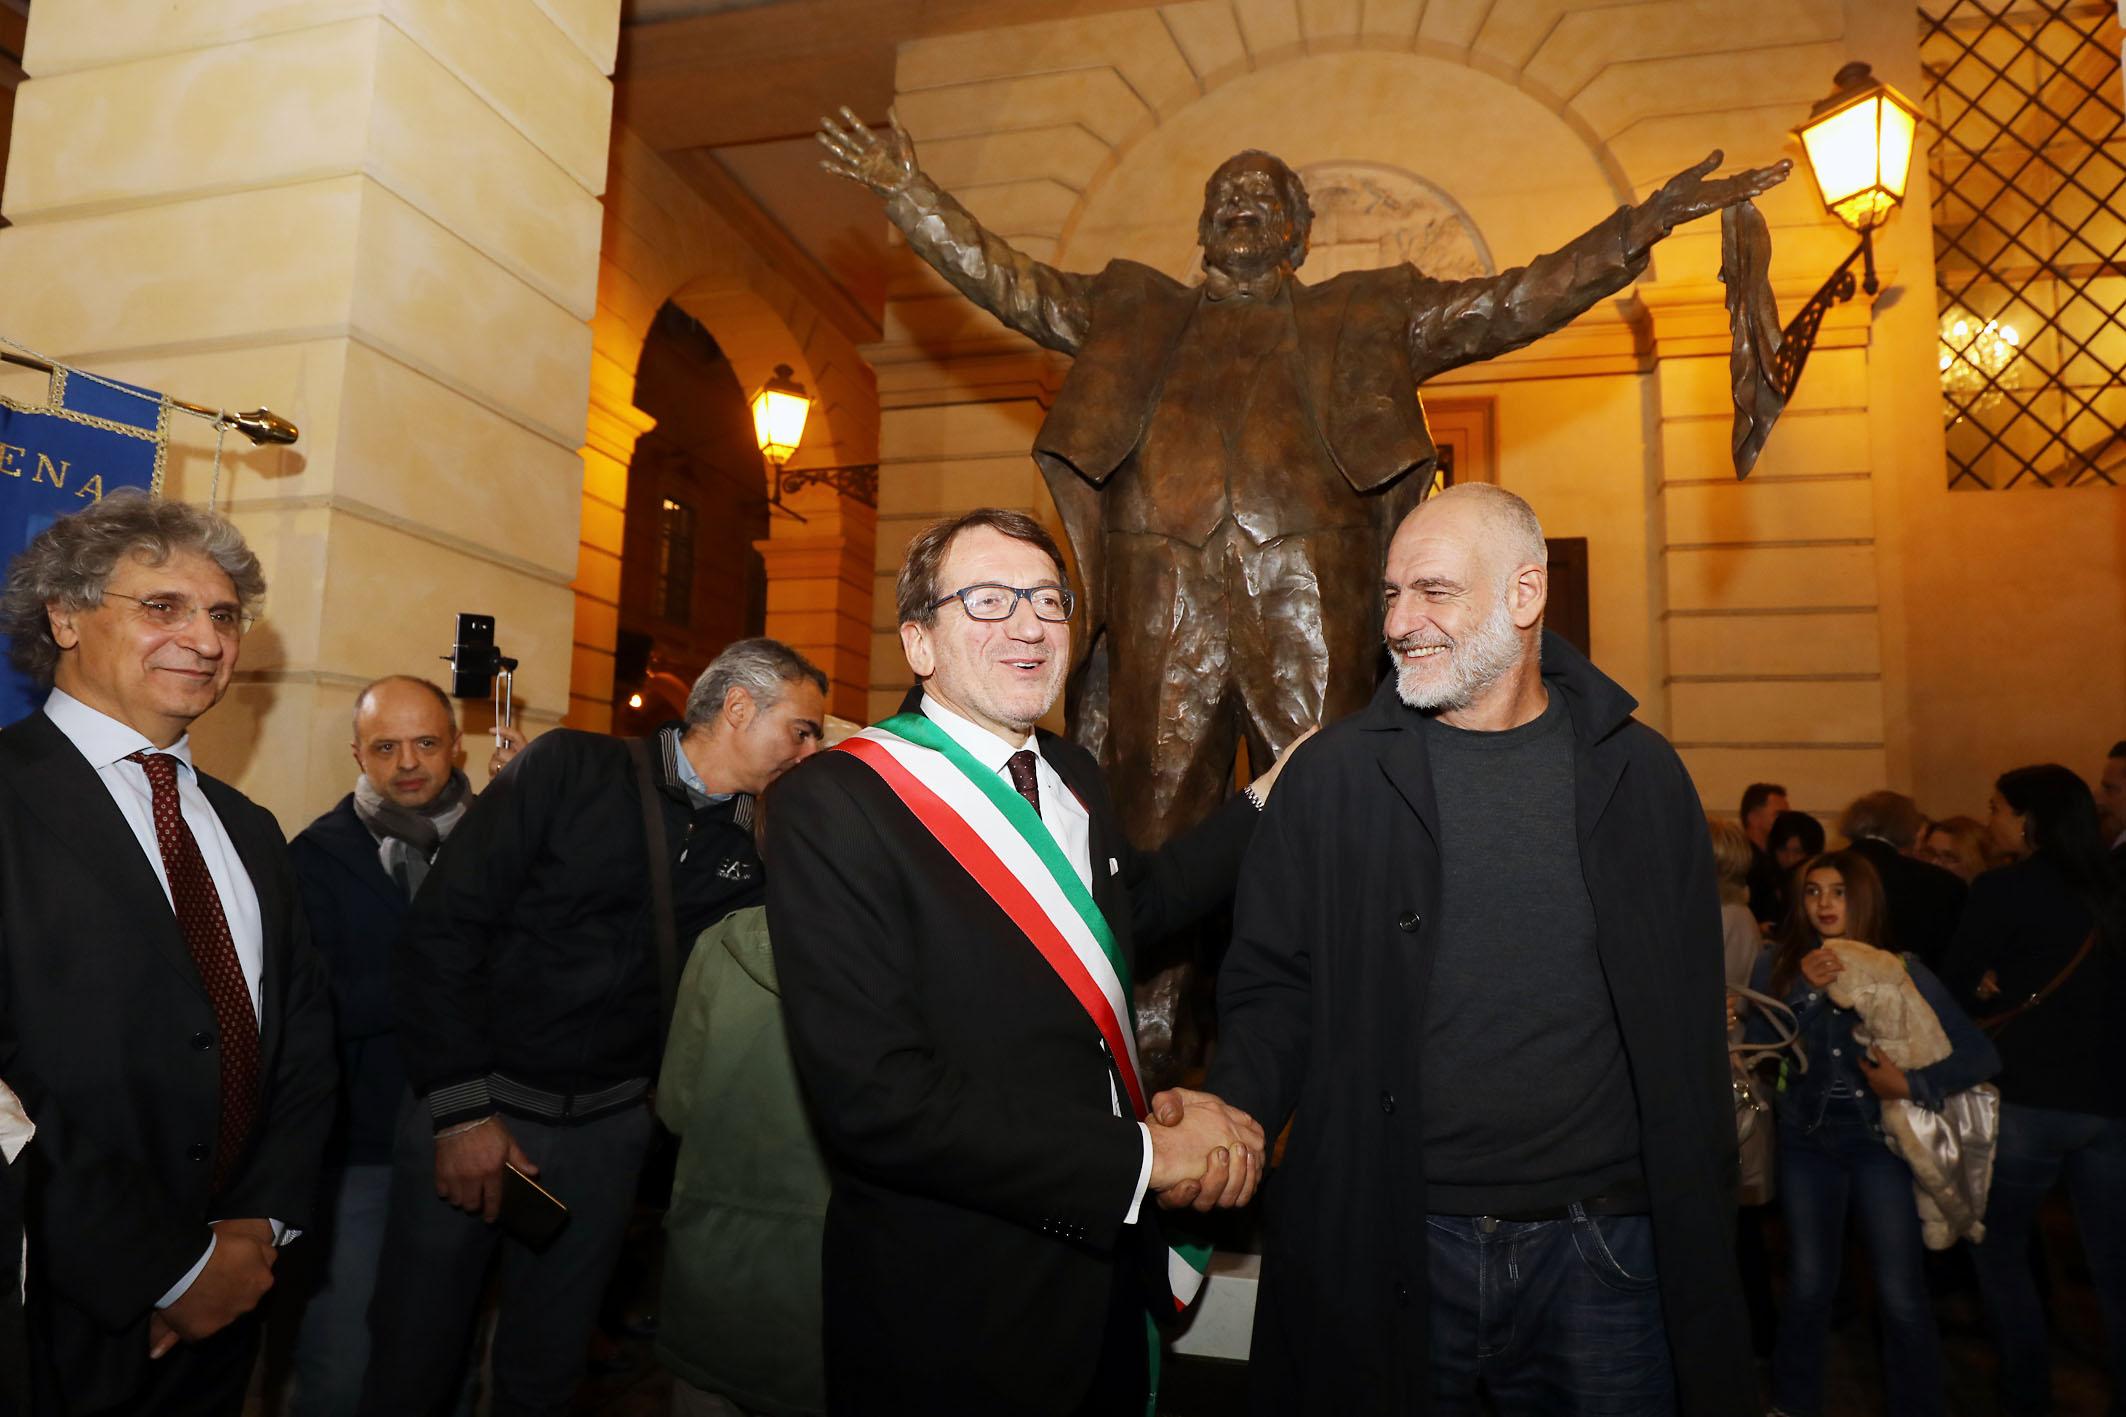 Inaugurata la statua di Luciano Pavarotti a Modena